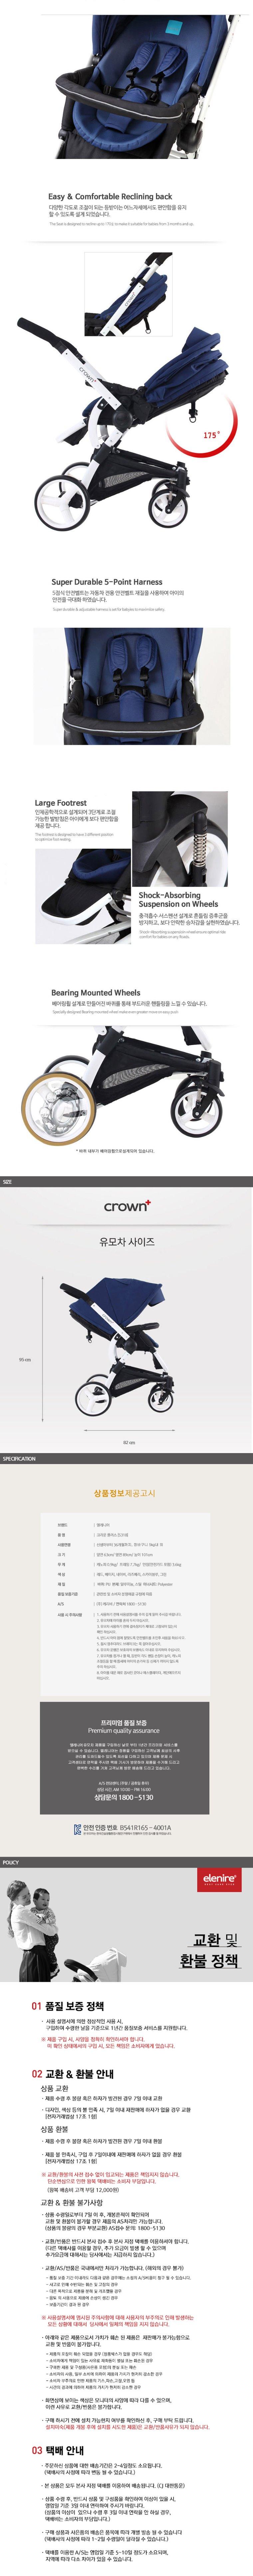 640_Crown_Plus2.jpg